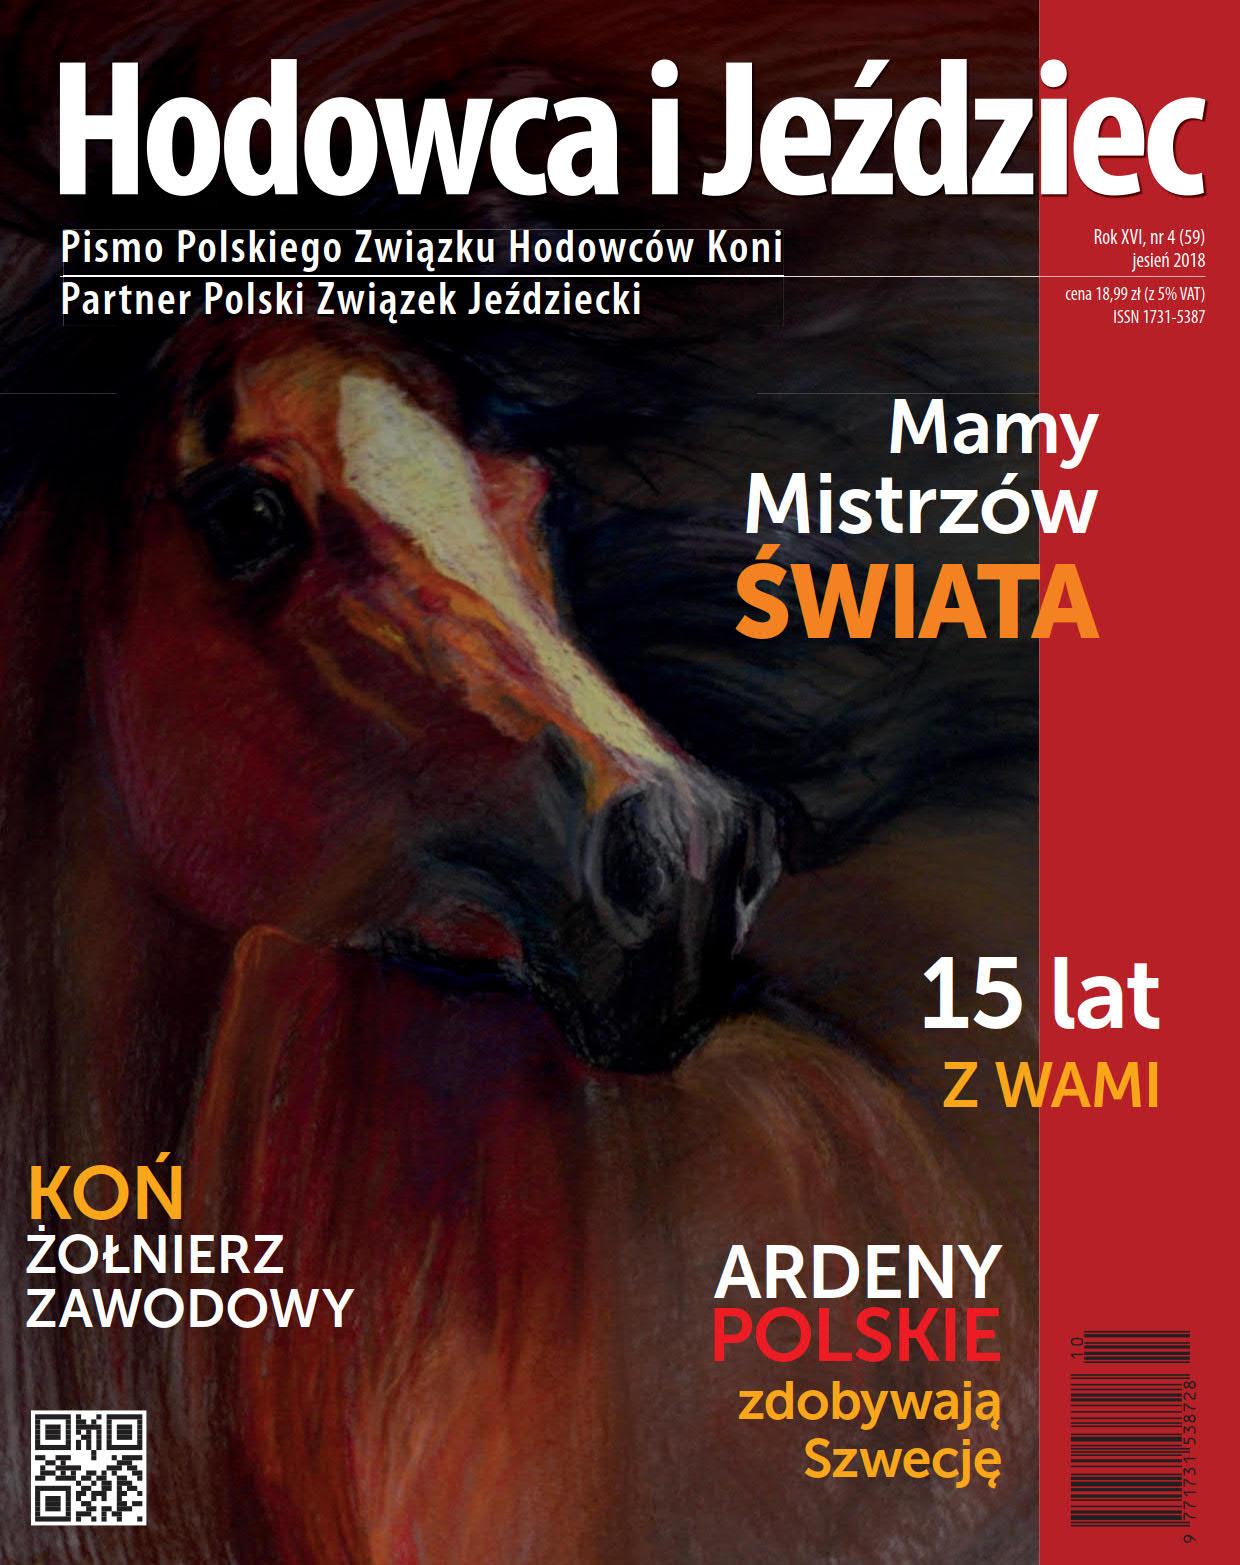 Hodowca iJeździec nr59 | Jesień 2018, Rok XVI Nr4